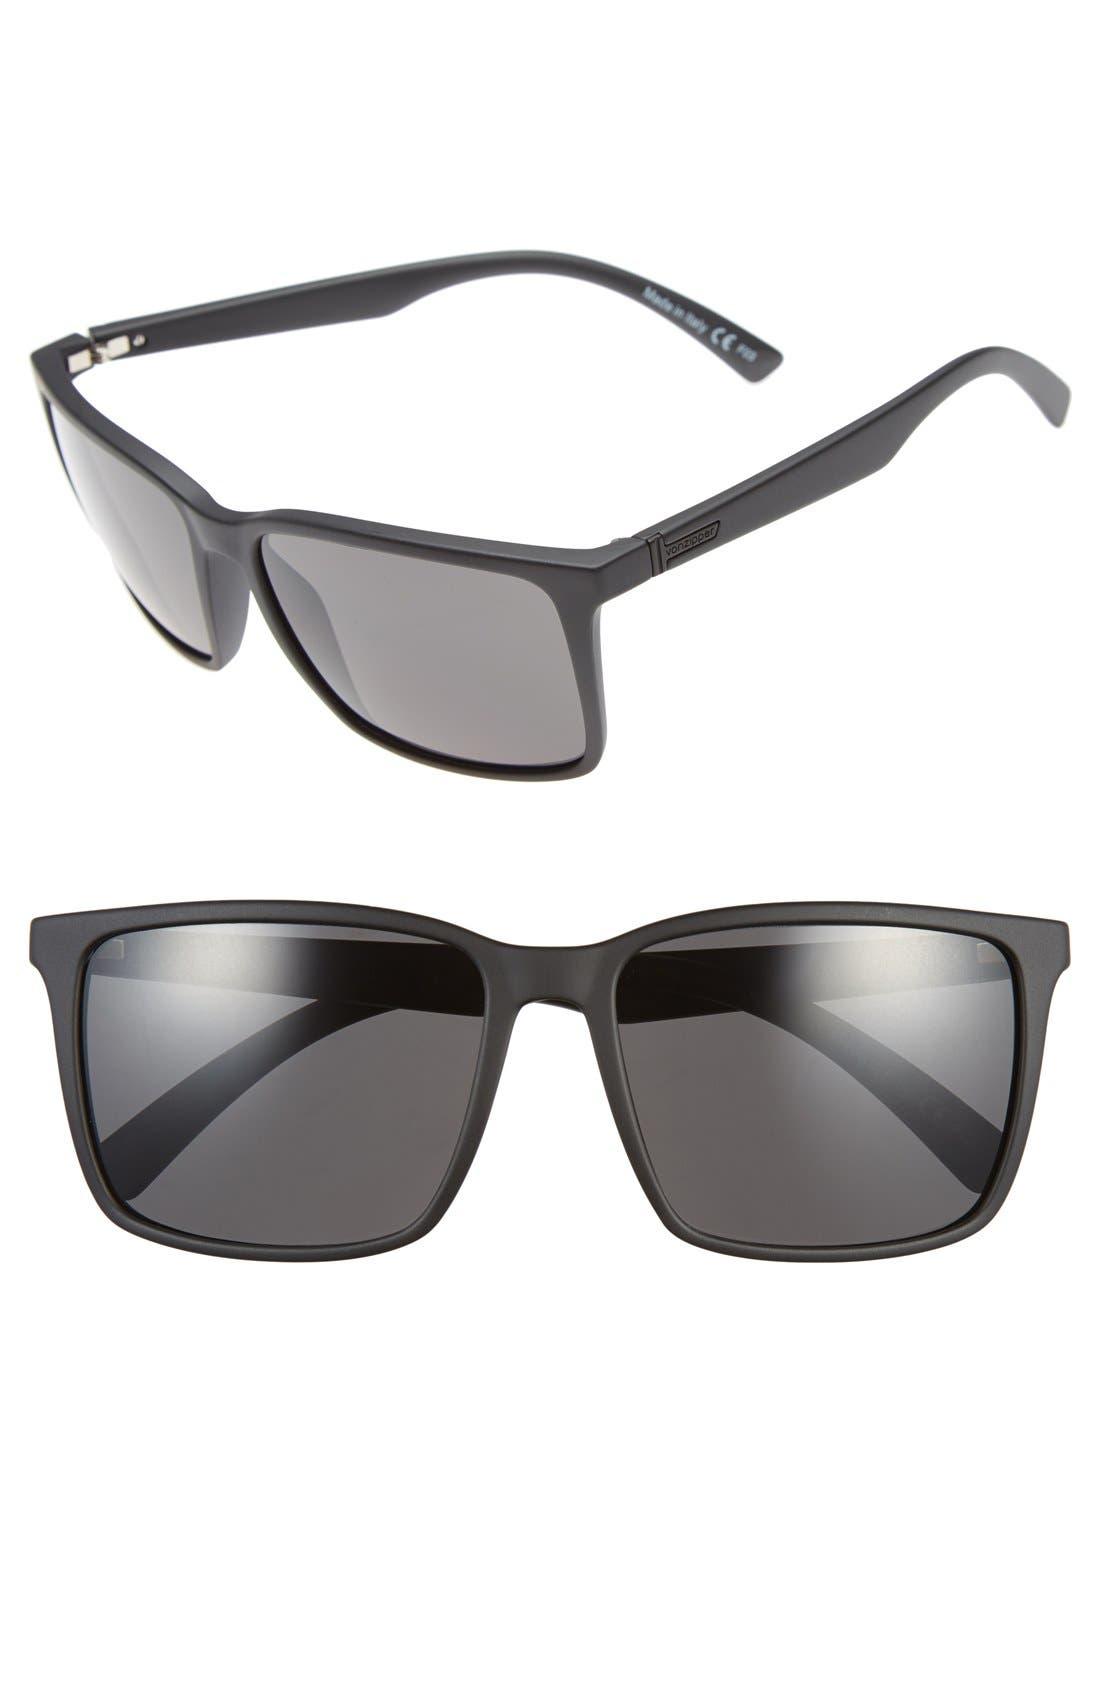 Alternate Image 1 Selected - Von Zipper 'Lensmore' 58mm Sunglasses